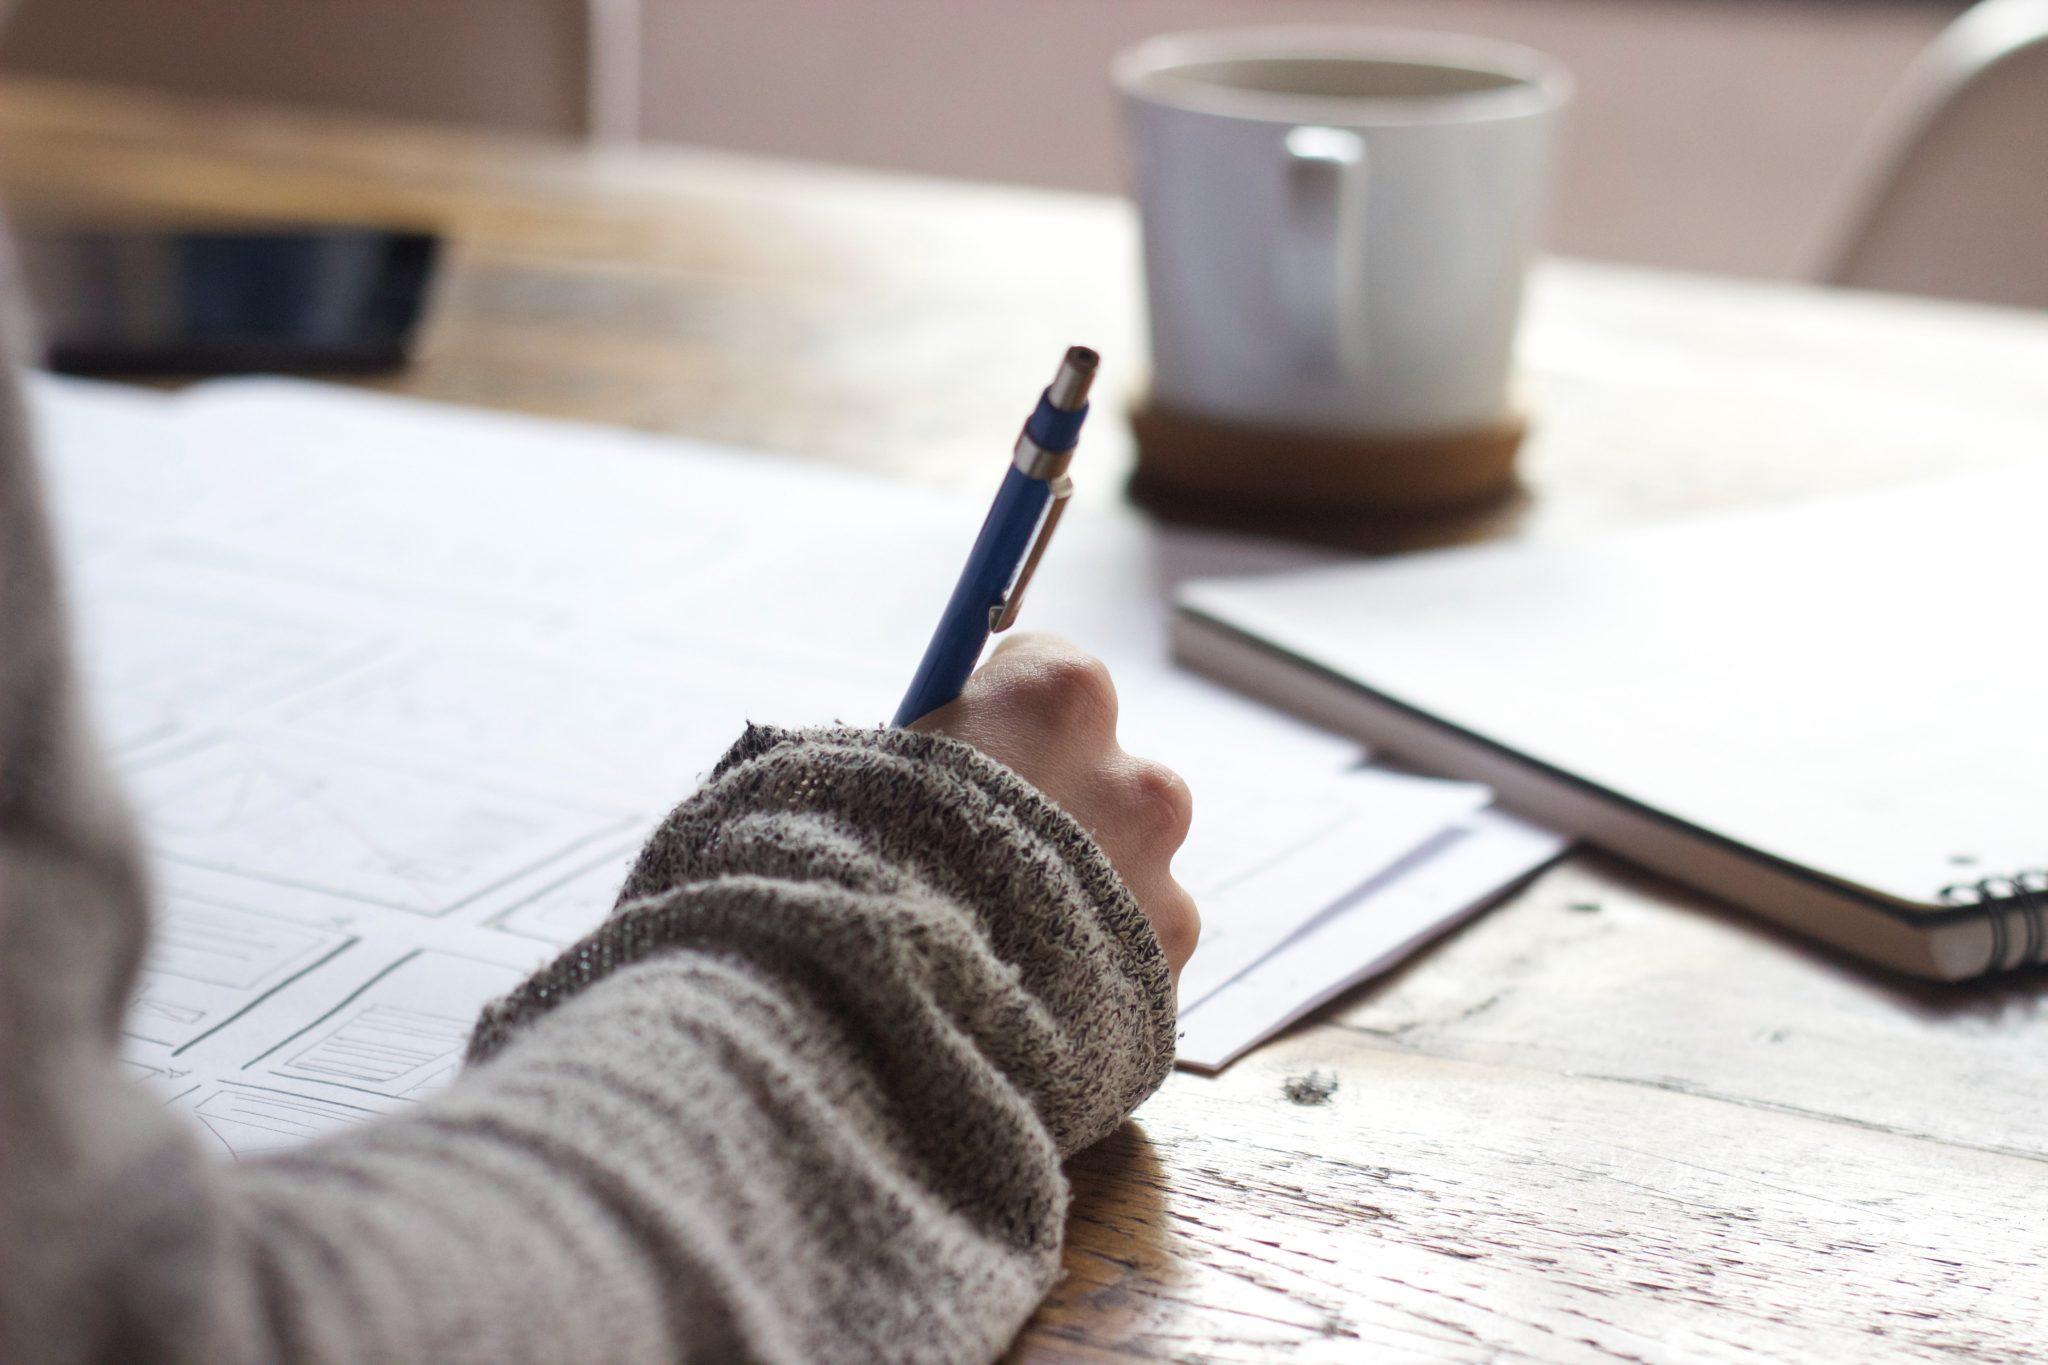 Henkilö pitelee kynää kädessään ja kirjoittaa paperille pöydä ääressä. Pöydällä on kahvikuppi.